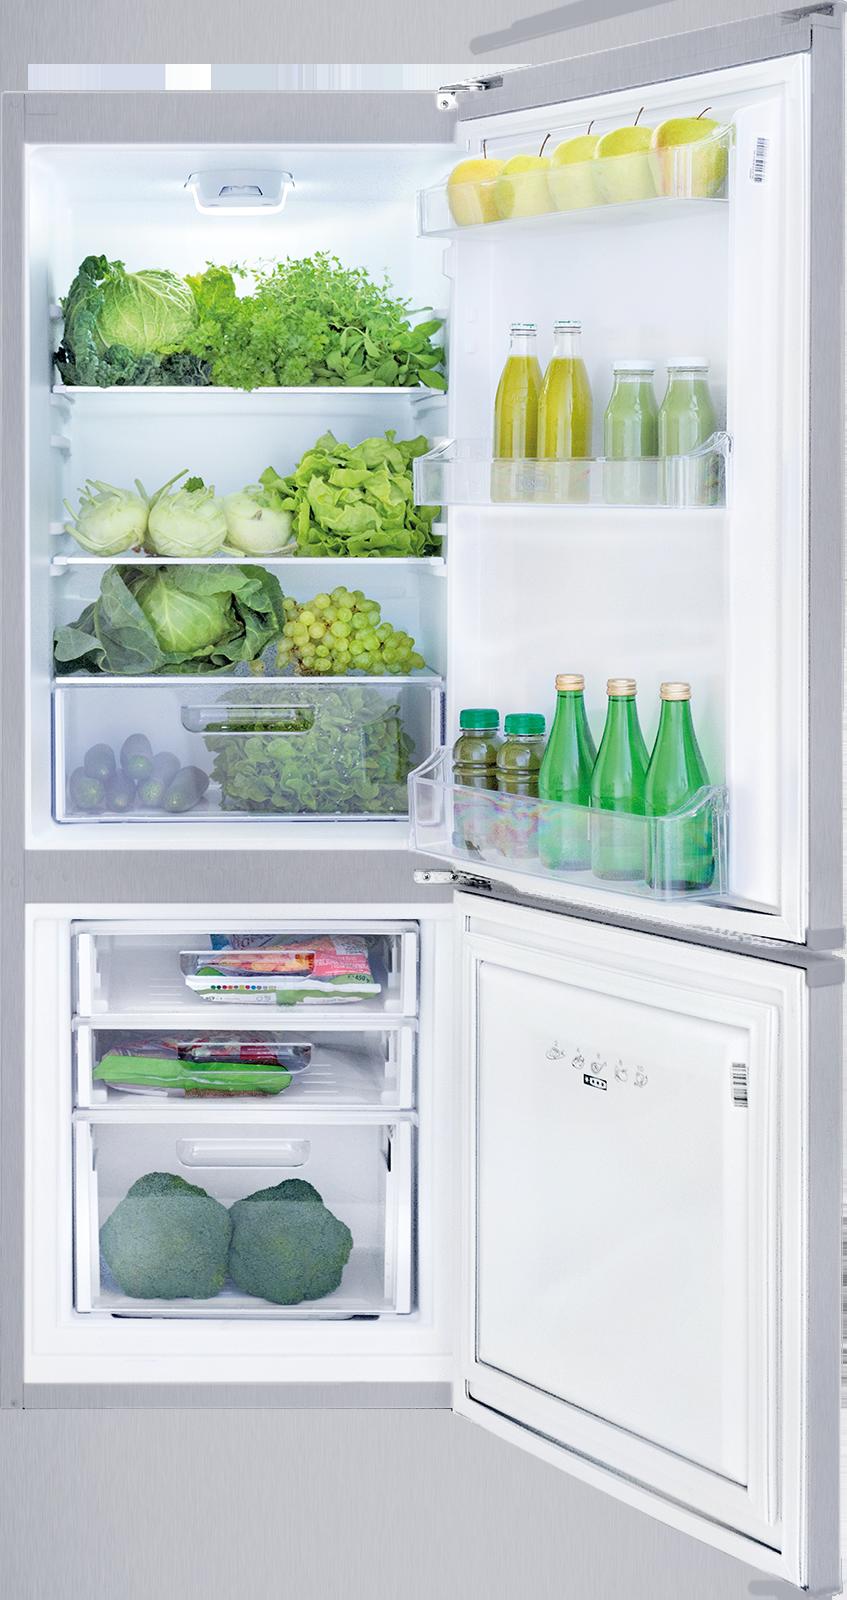 Freistehende Kühlschrank Kernau KFRC 15152 IX